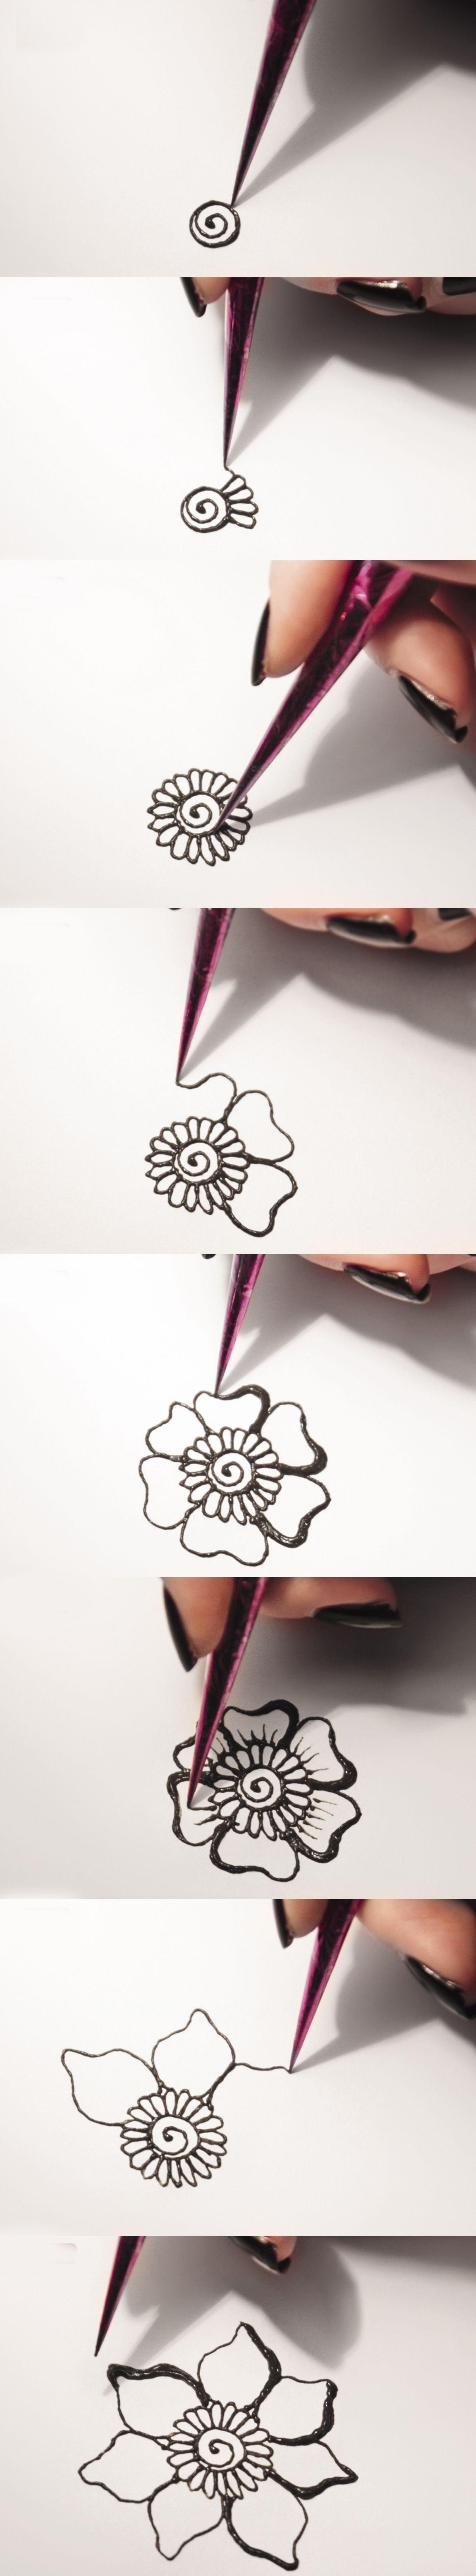 DIY Idea for mehndi. Easy tutorial for mehndi-flower ornament ...